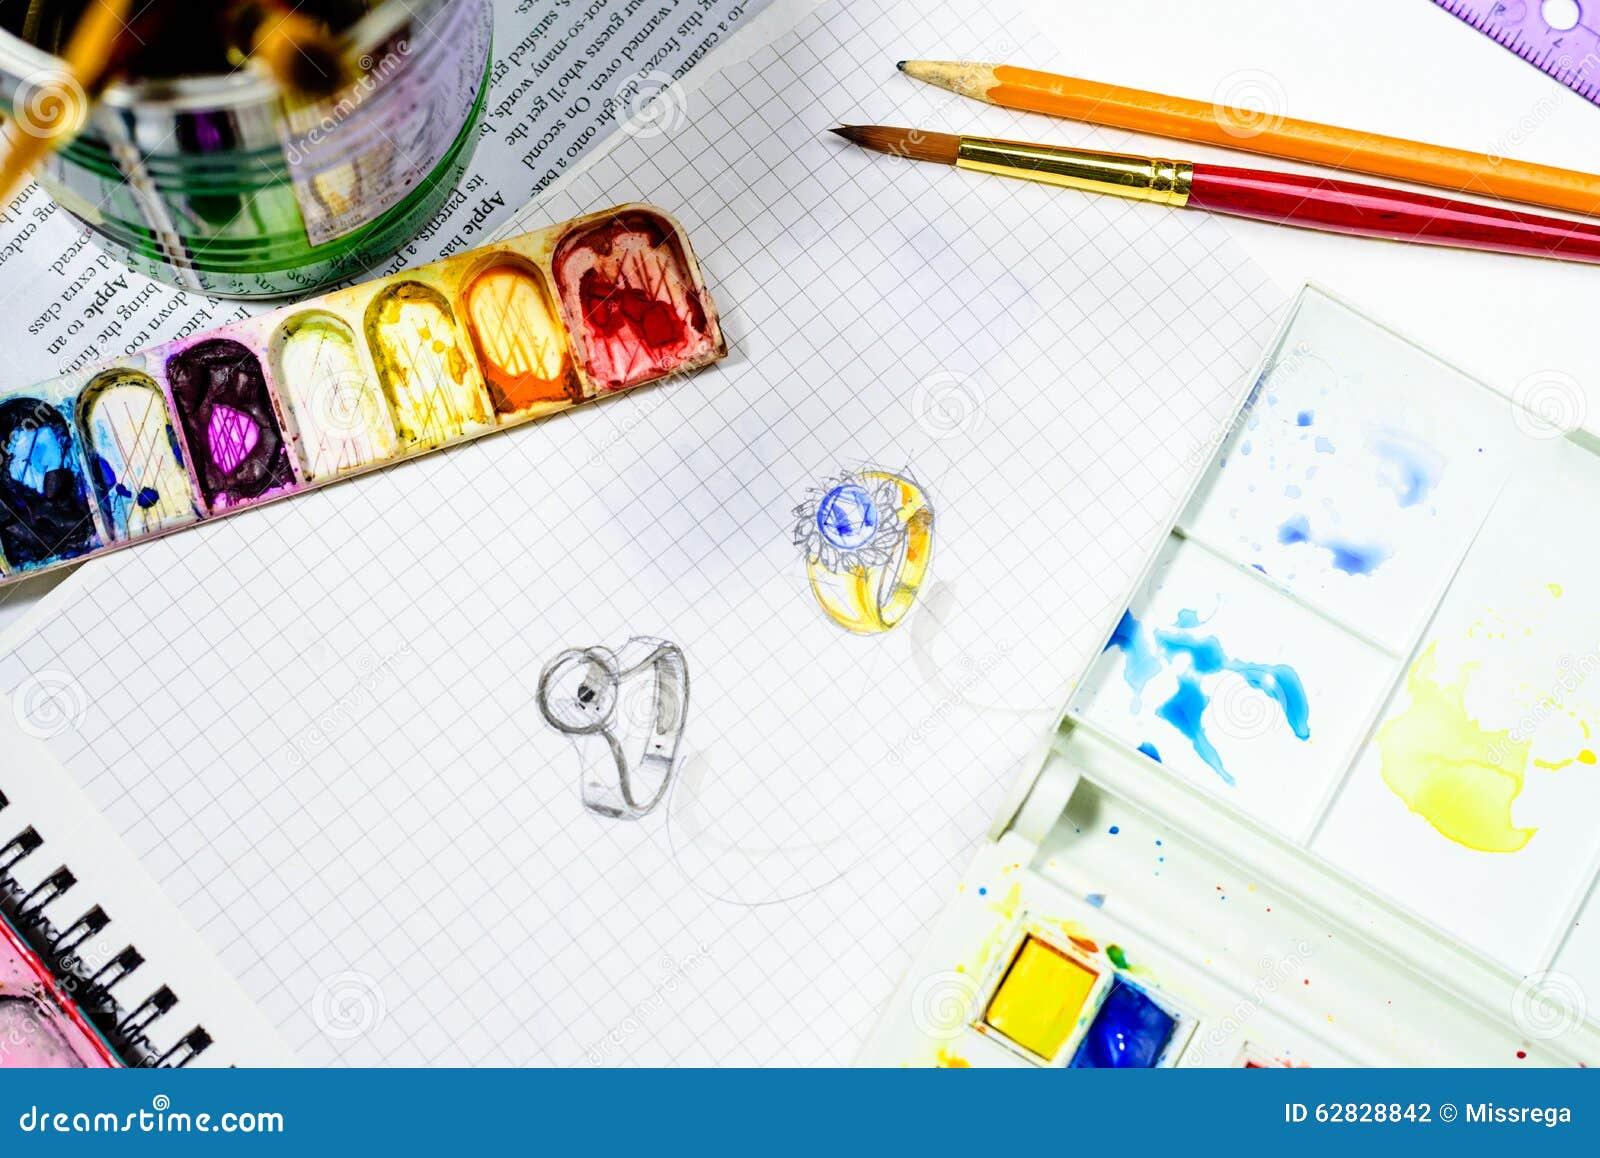 progettazione gioielli schizzo dell 39 acquerello di progettazione dei gioielli sul